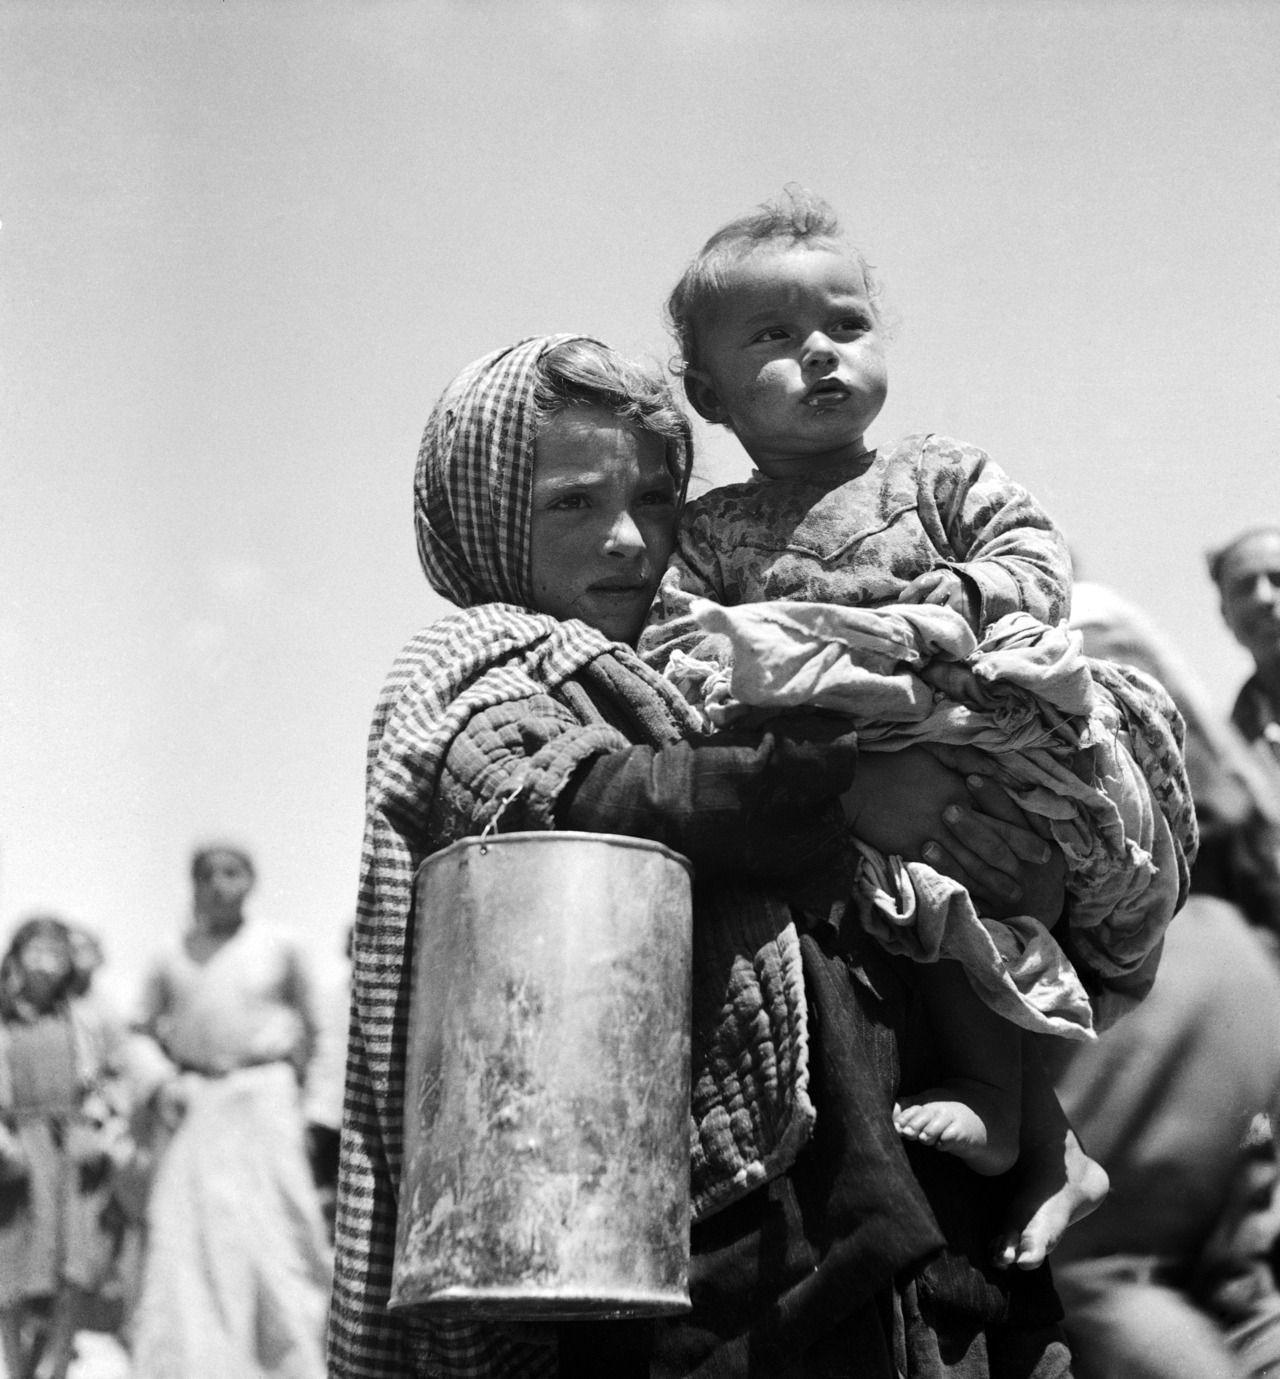 مسافر زاده الخيال Tanyushenka Photography A Palestinian Refugee Photography We The People Baby Brother